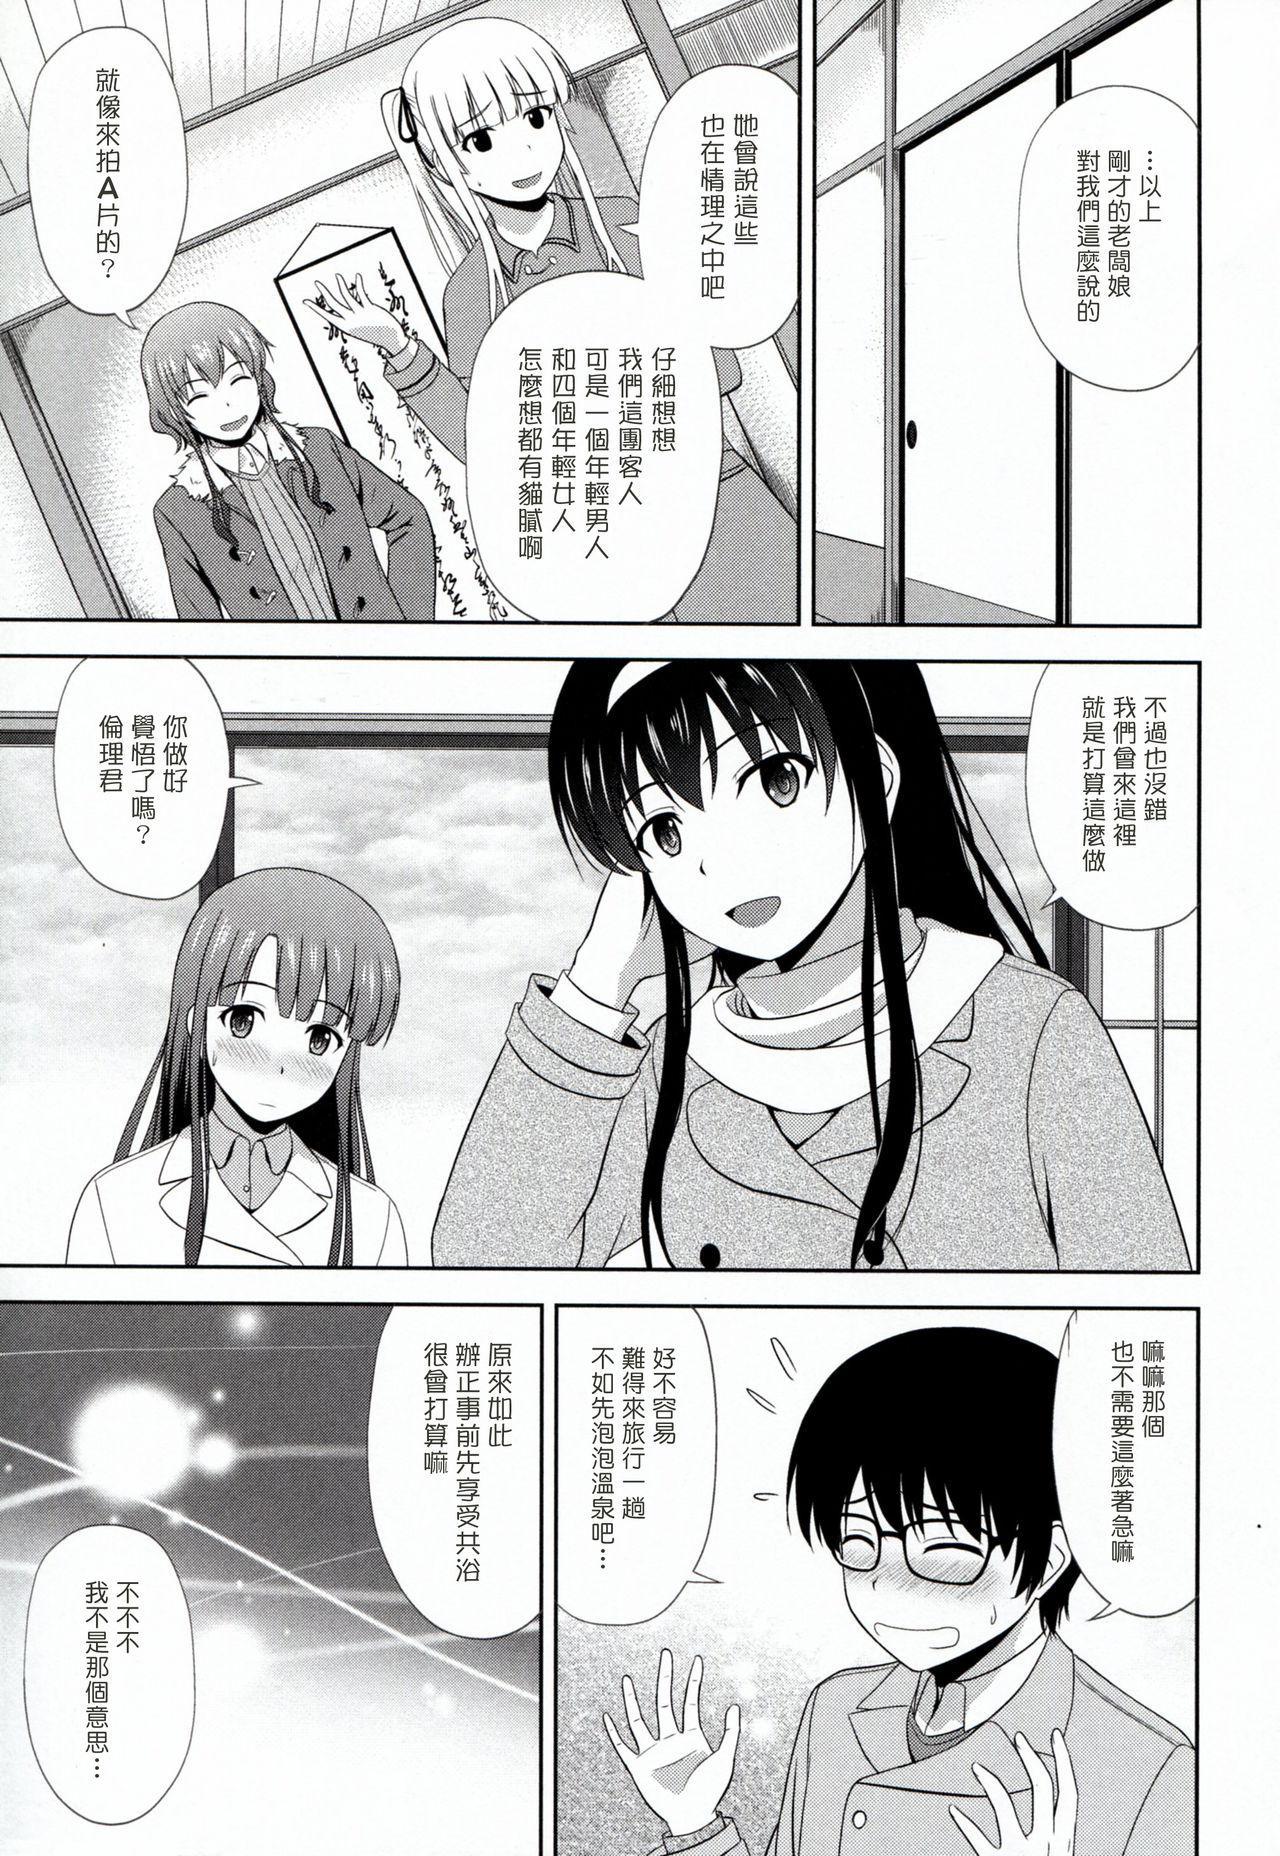 Saenai Kanojo-tachi no Rinri Shinsakai 4